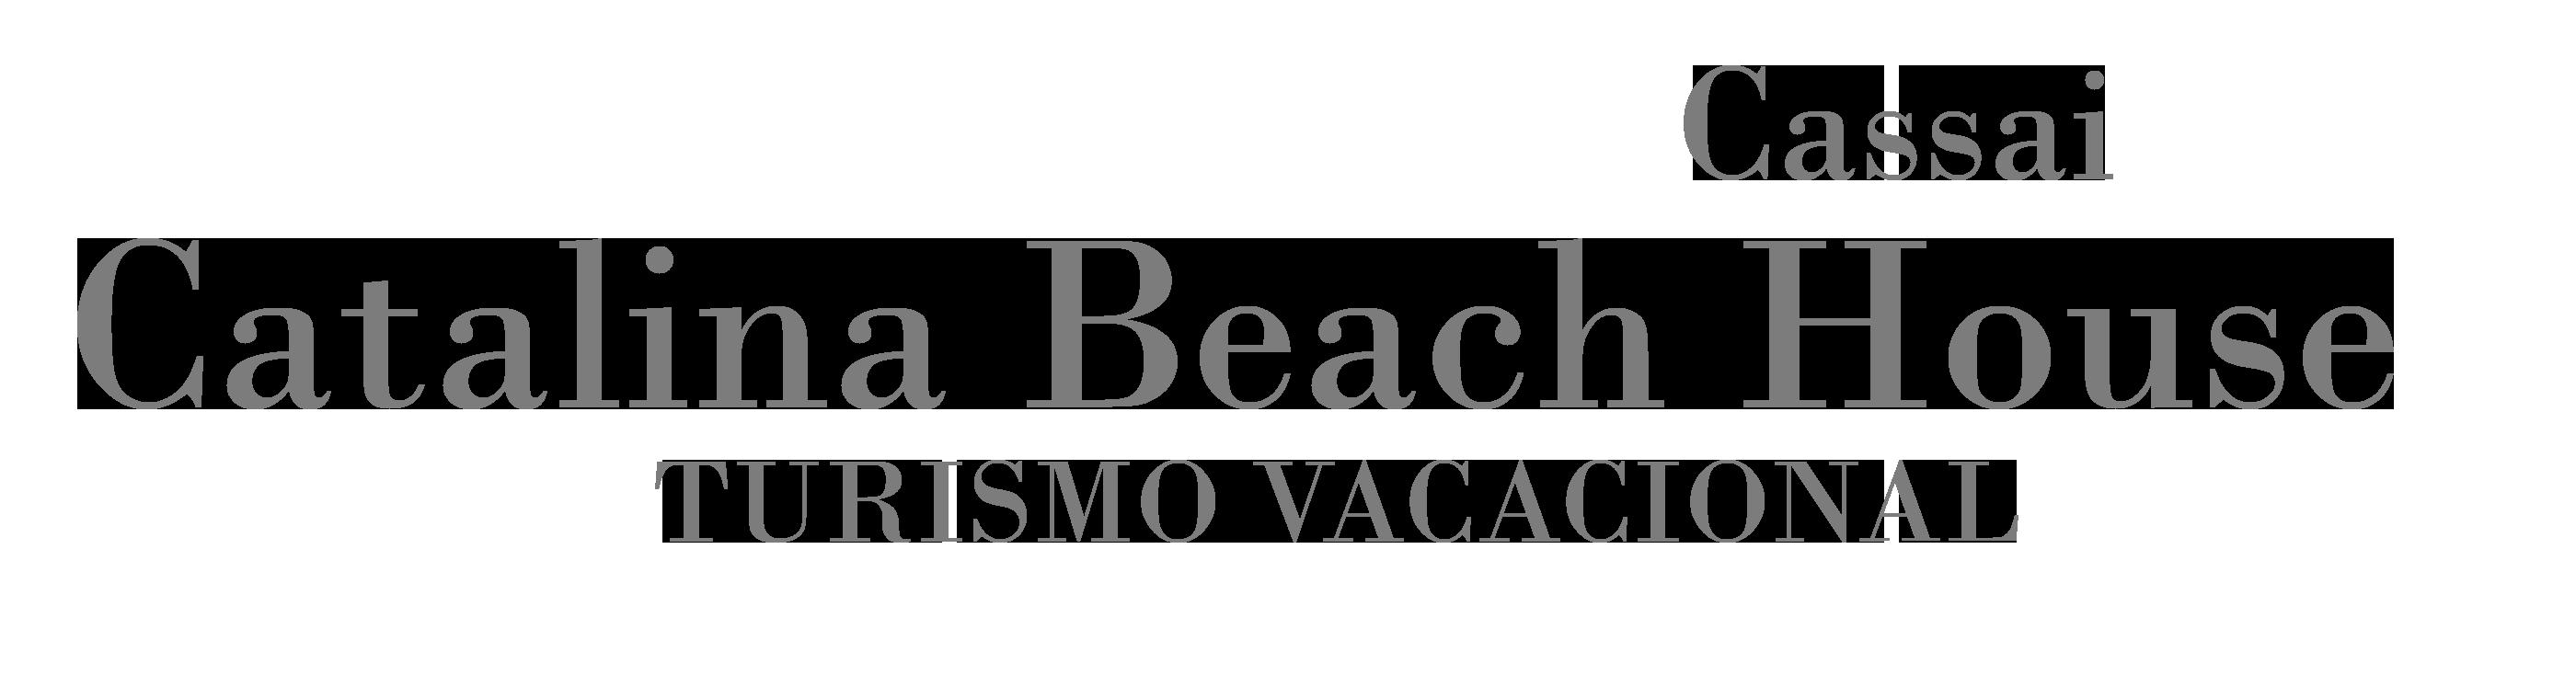 Catalina Beach House by Cassai